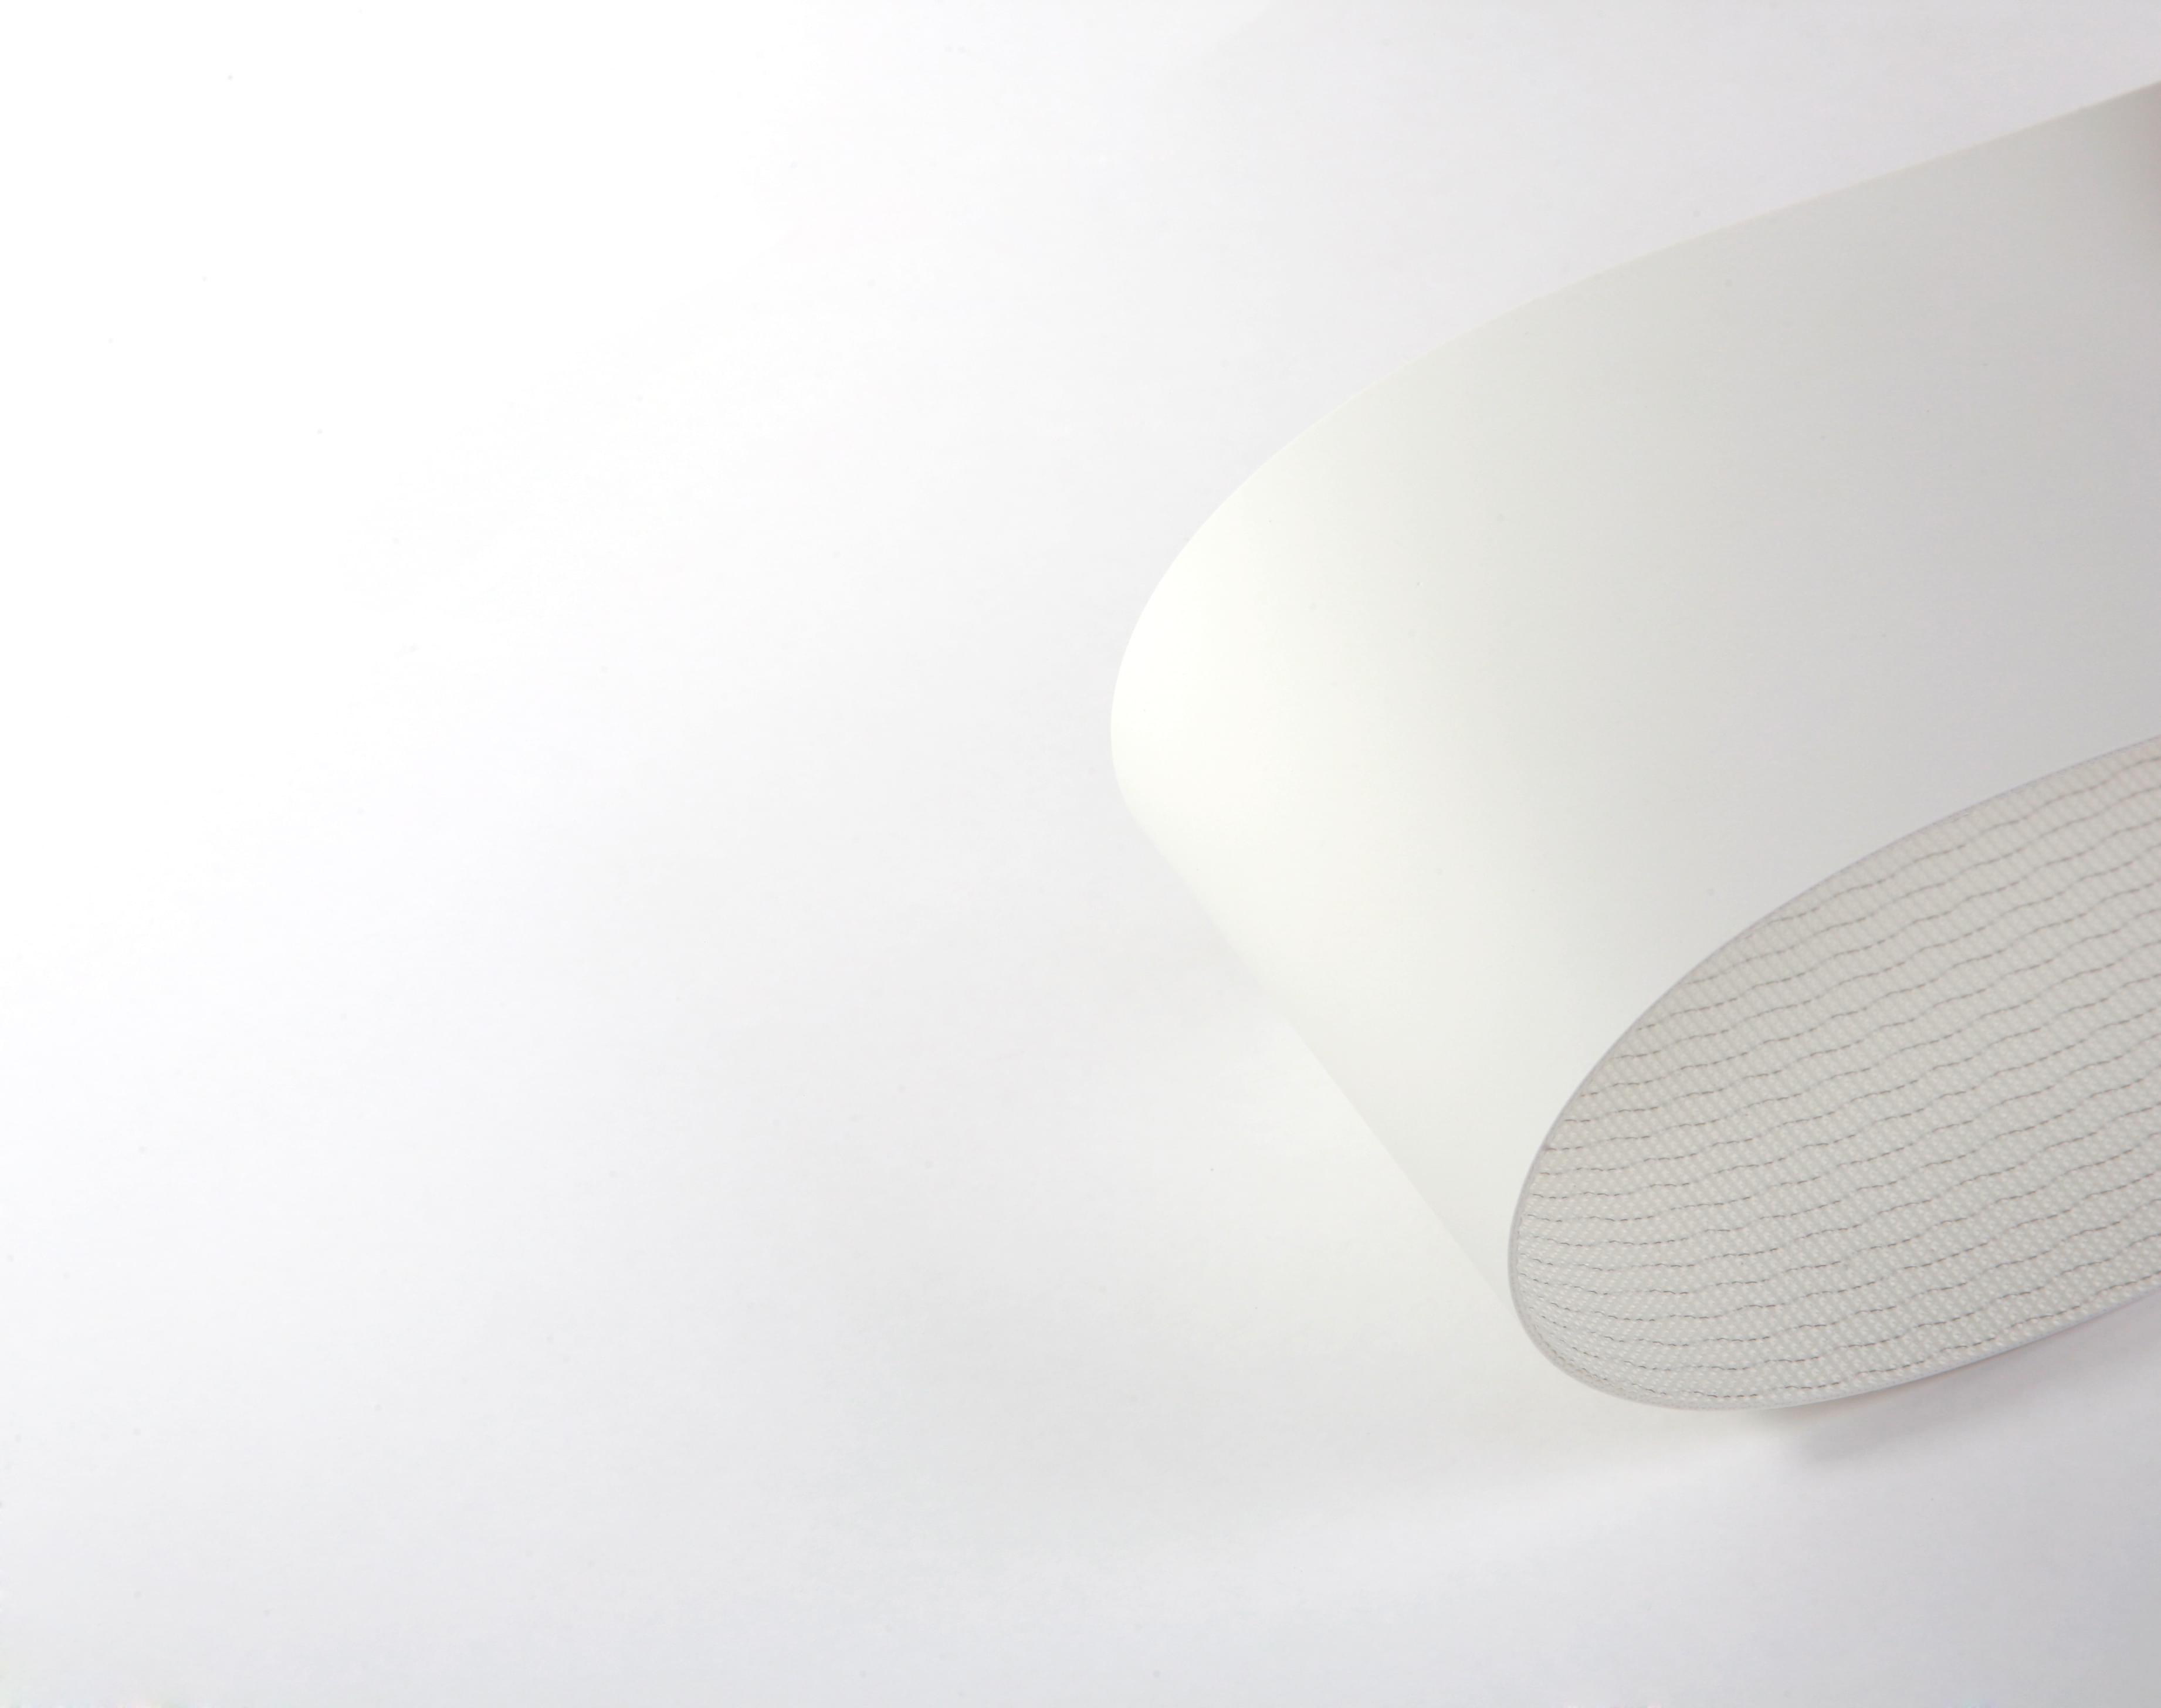 correia Poliuretano (PU) (poliuretano) branco duas lonas superfície fosca